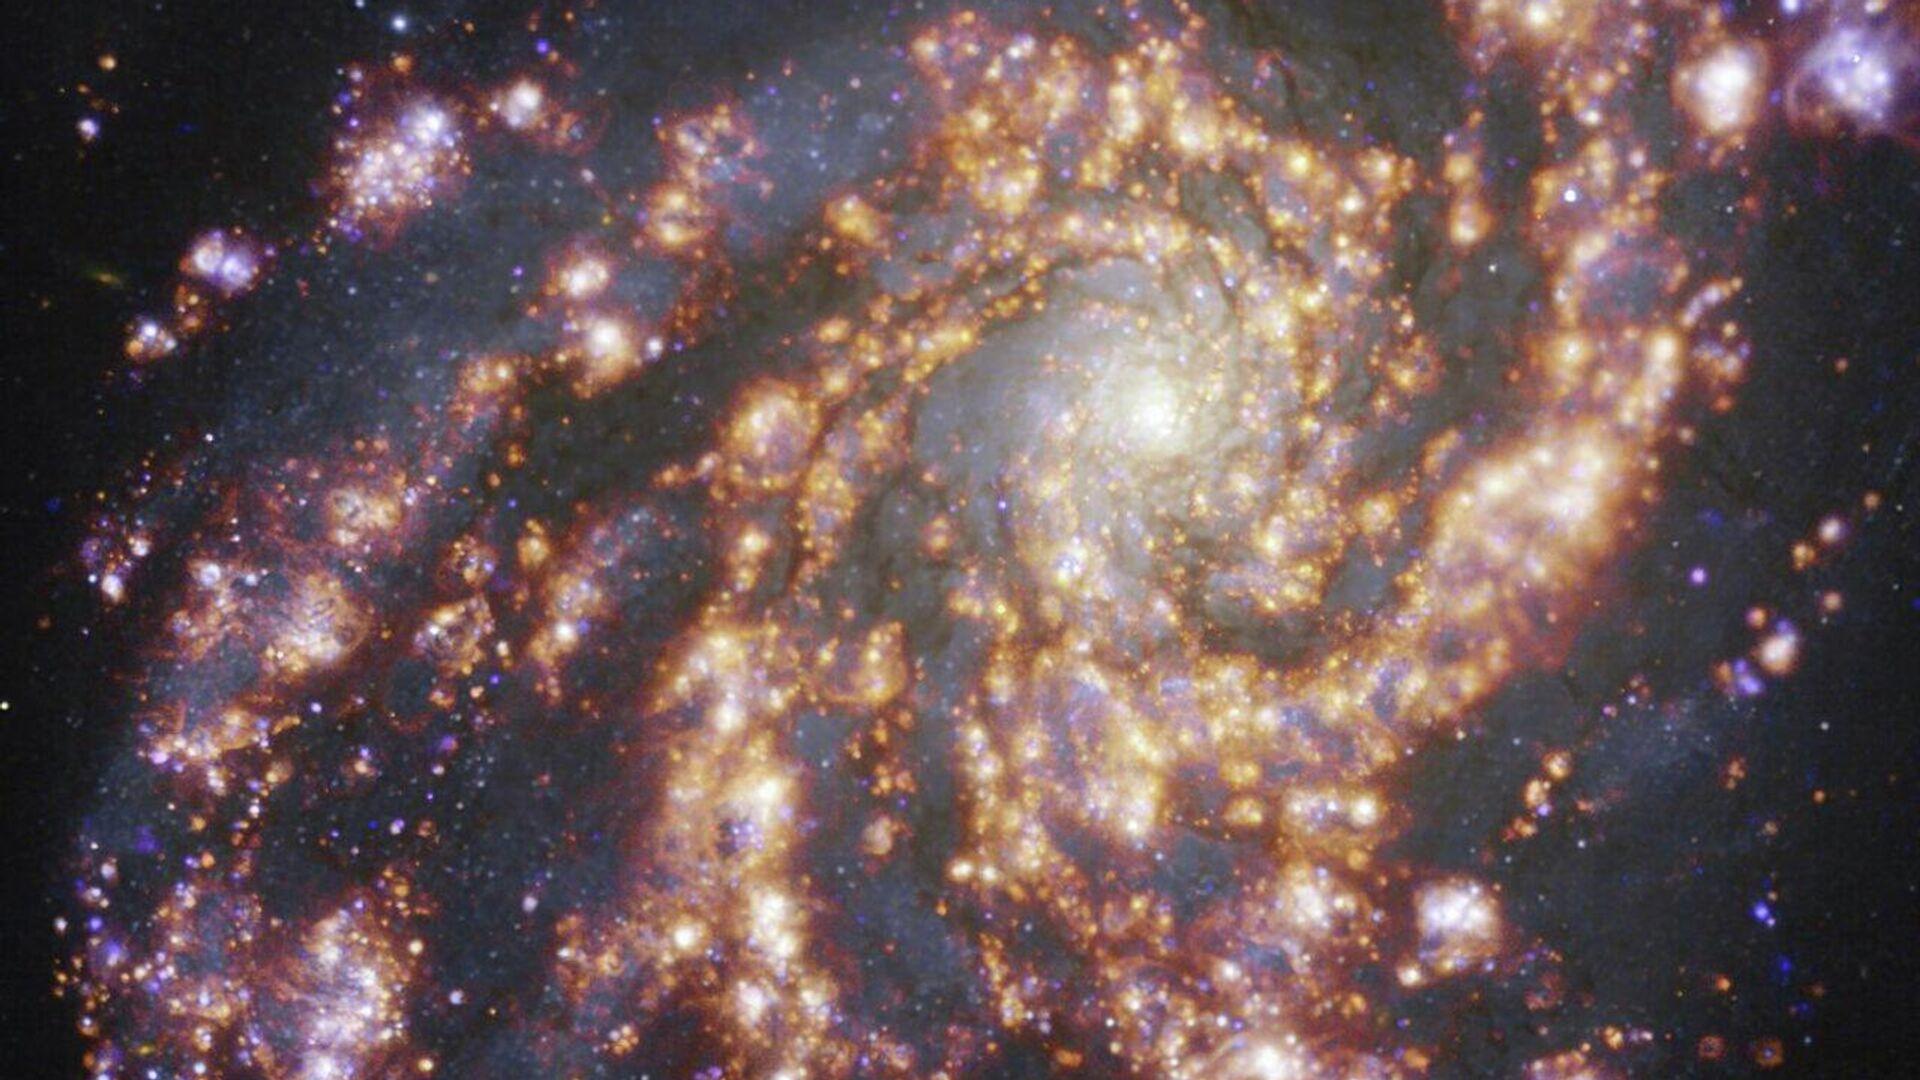 La galaxia NGC 4254 - Sputnik Mundo, 1920, 17.07.2021